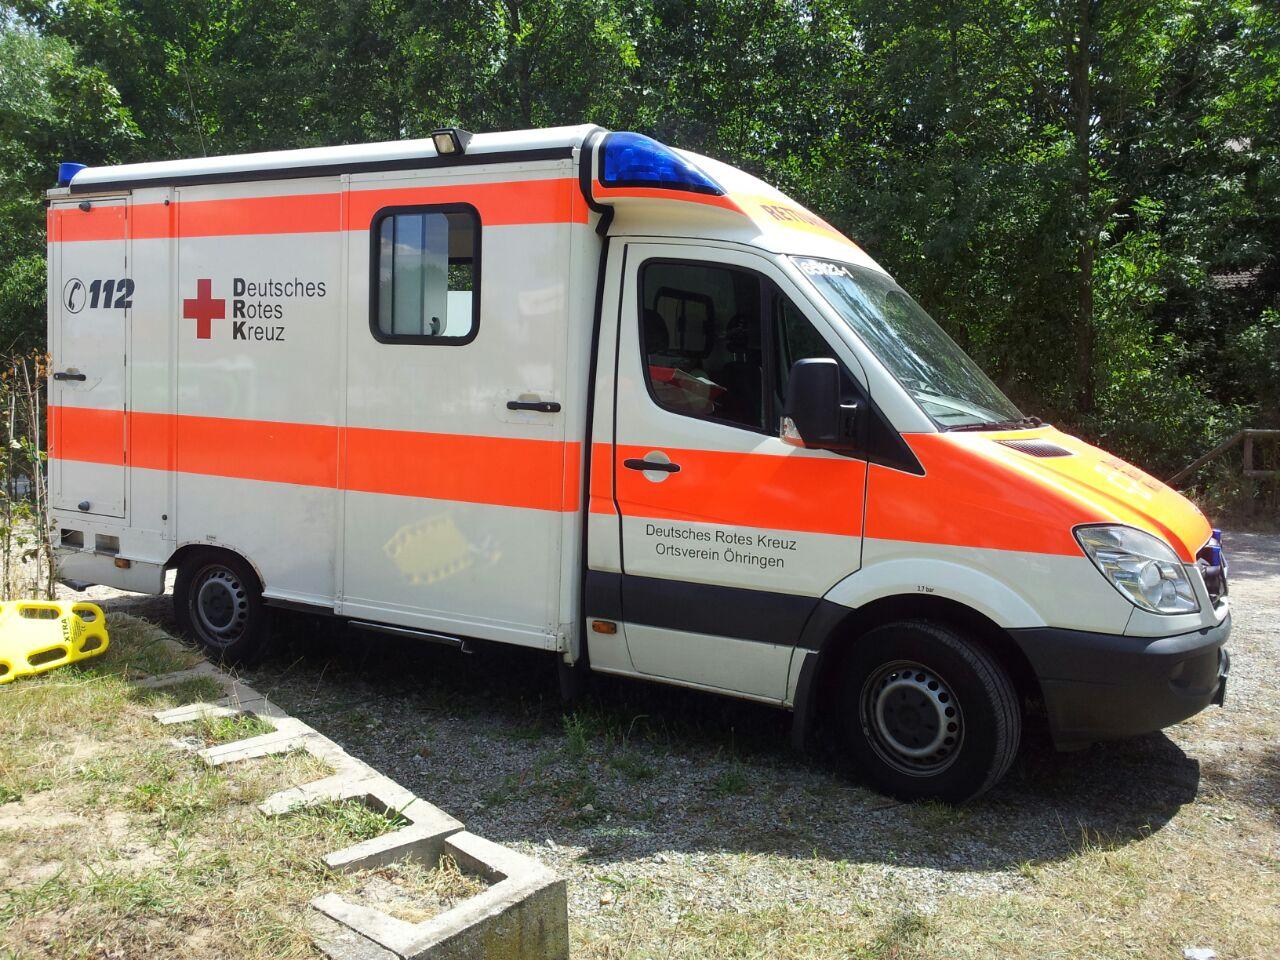 Rettungswagen Ortsverein